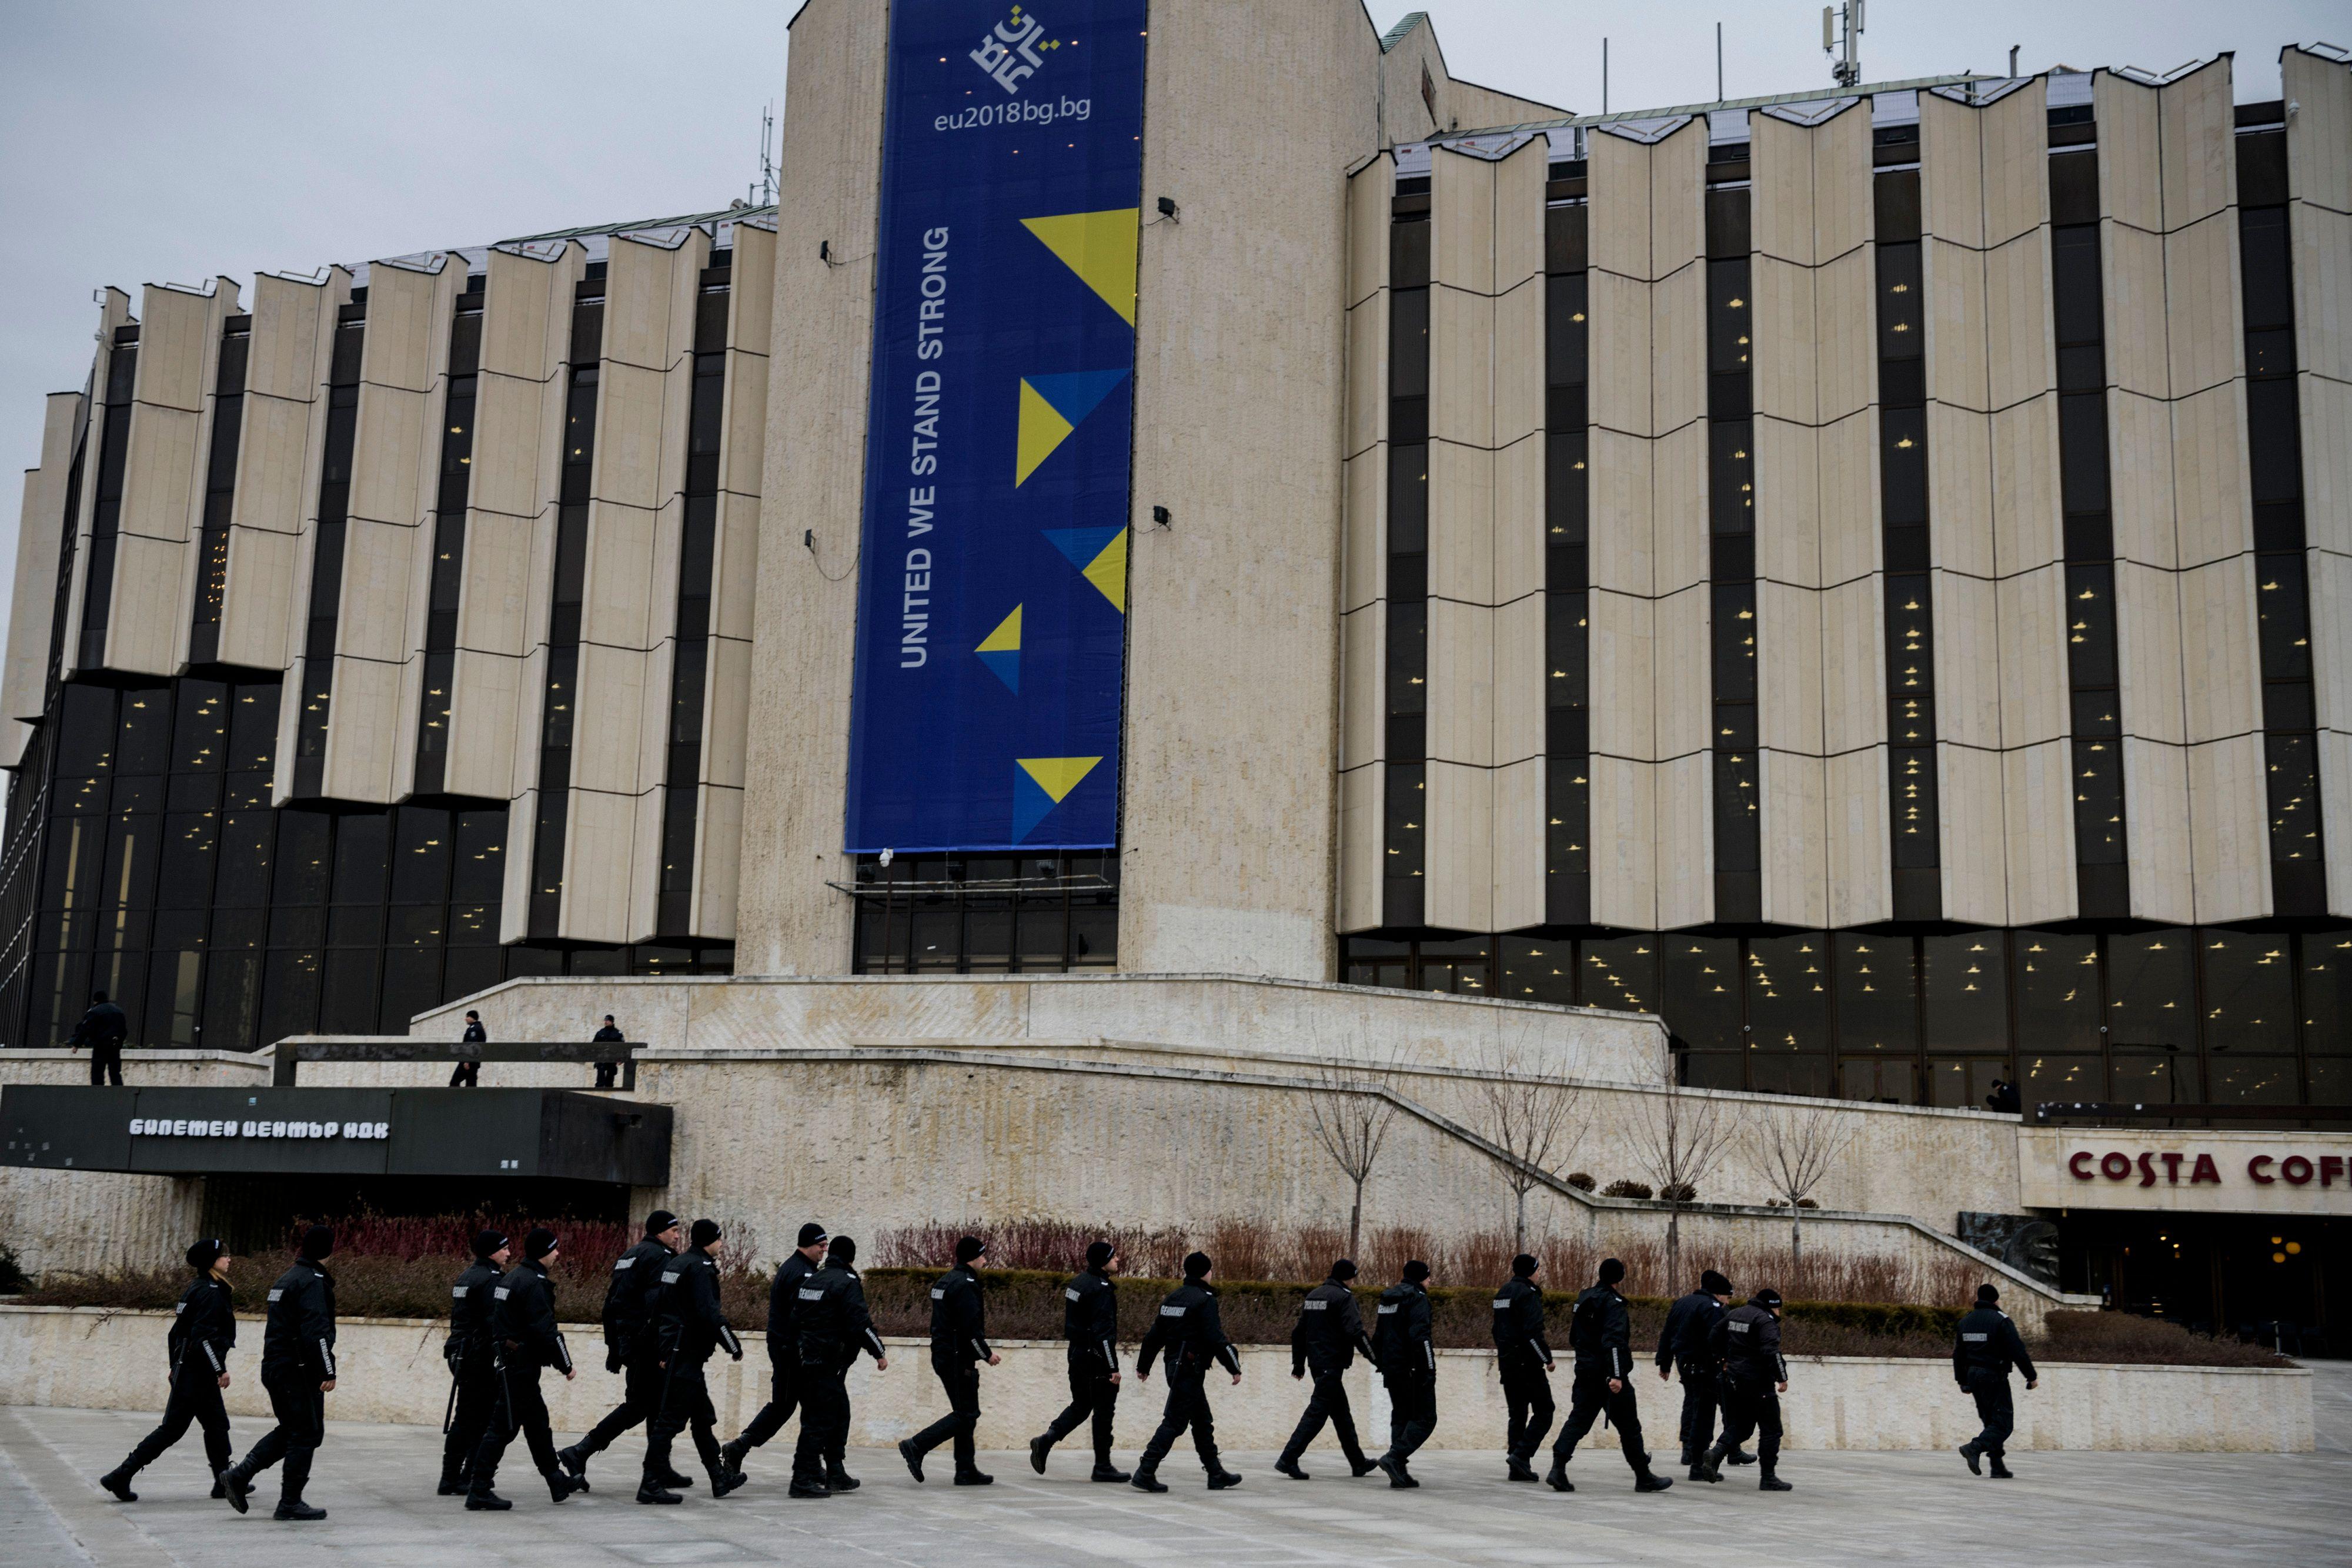 中國國家主席習近平定於下周訪問意大利和法國,在習近平抵達歐洲的前一天,歐盟將舉行歐洲理事會討論對華立場重大改變的政策。專家指出,美歐目前最優先事務是共同應對中共威脅。圖為2018年歐洲理事會召開地點。(DIMITAR DILKOFF/AFP/Getty Images)